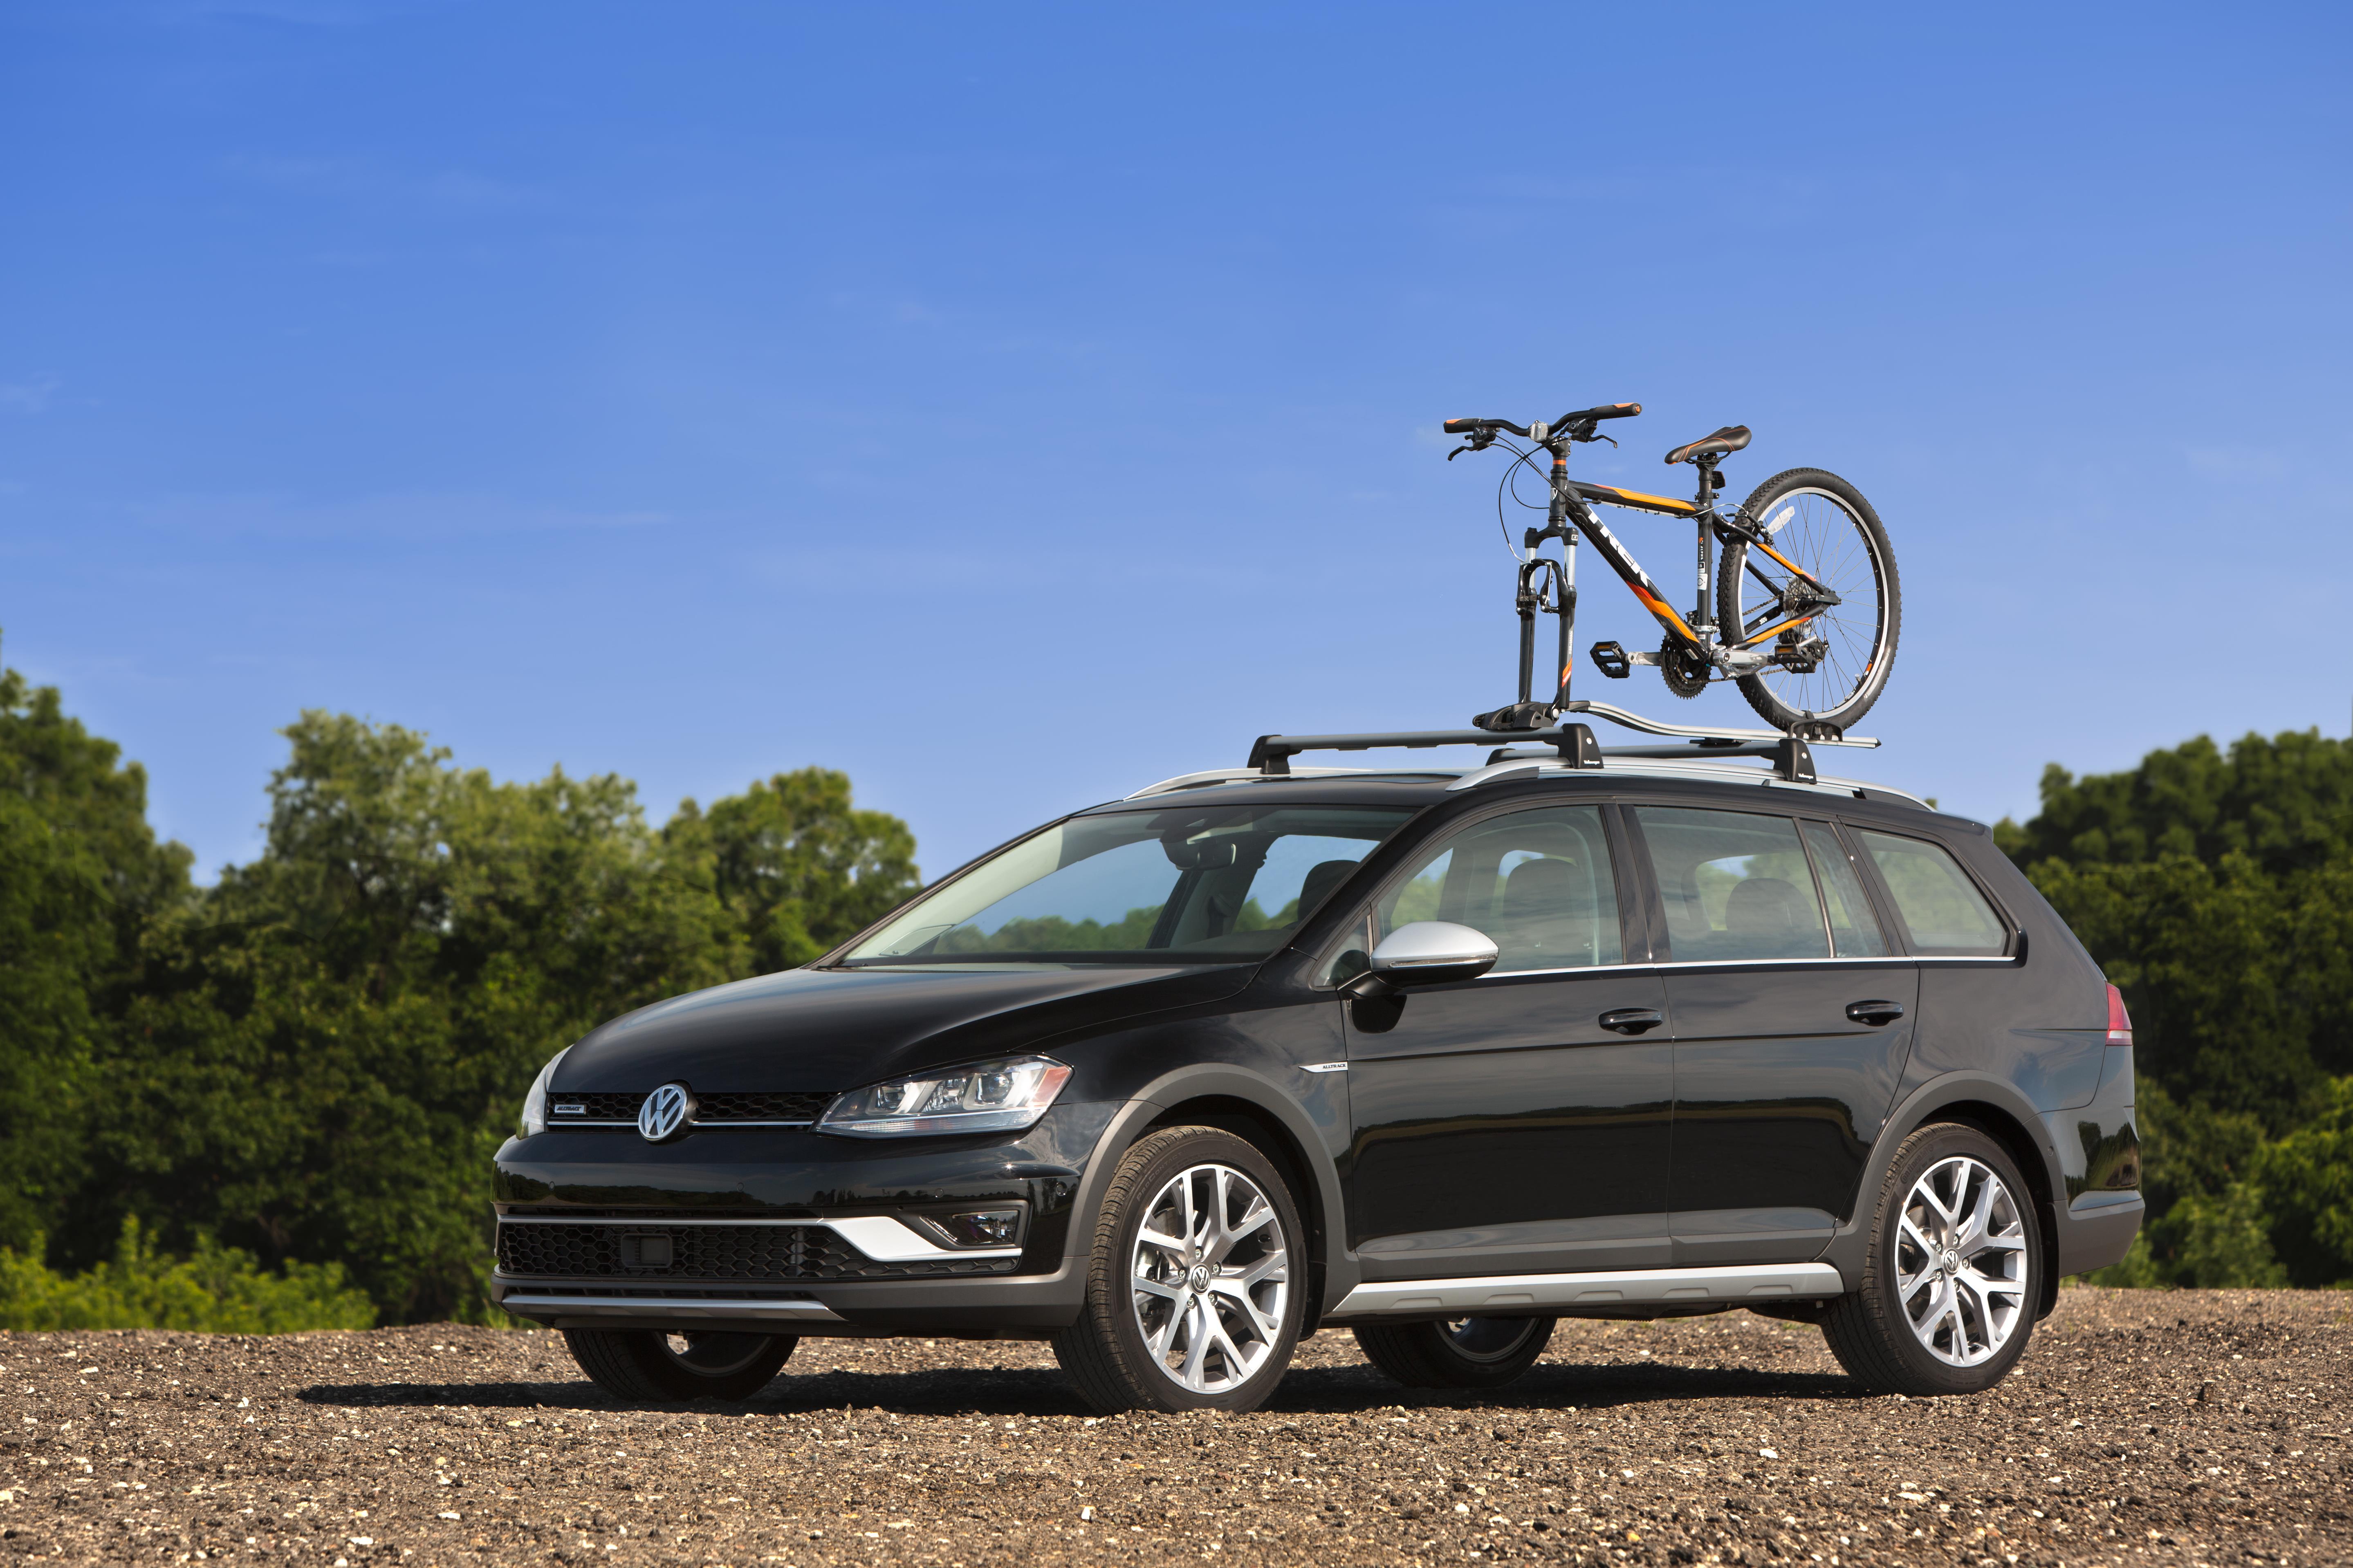 2017 Volkswagen Alltrack Base Racks and Bike Holder Attachment. Bike rack - NPN071044 - Genuine ...